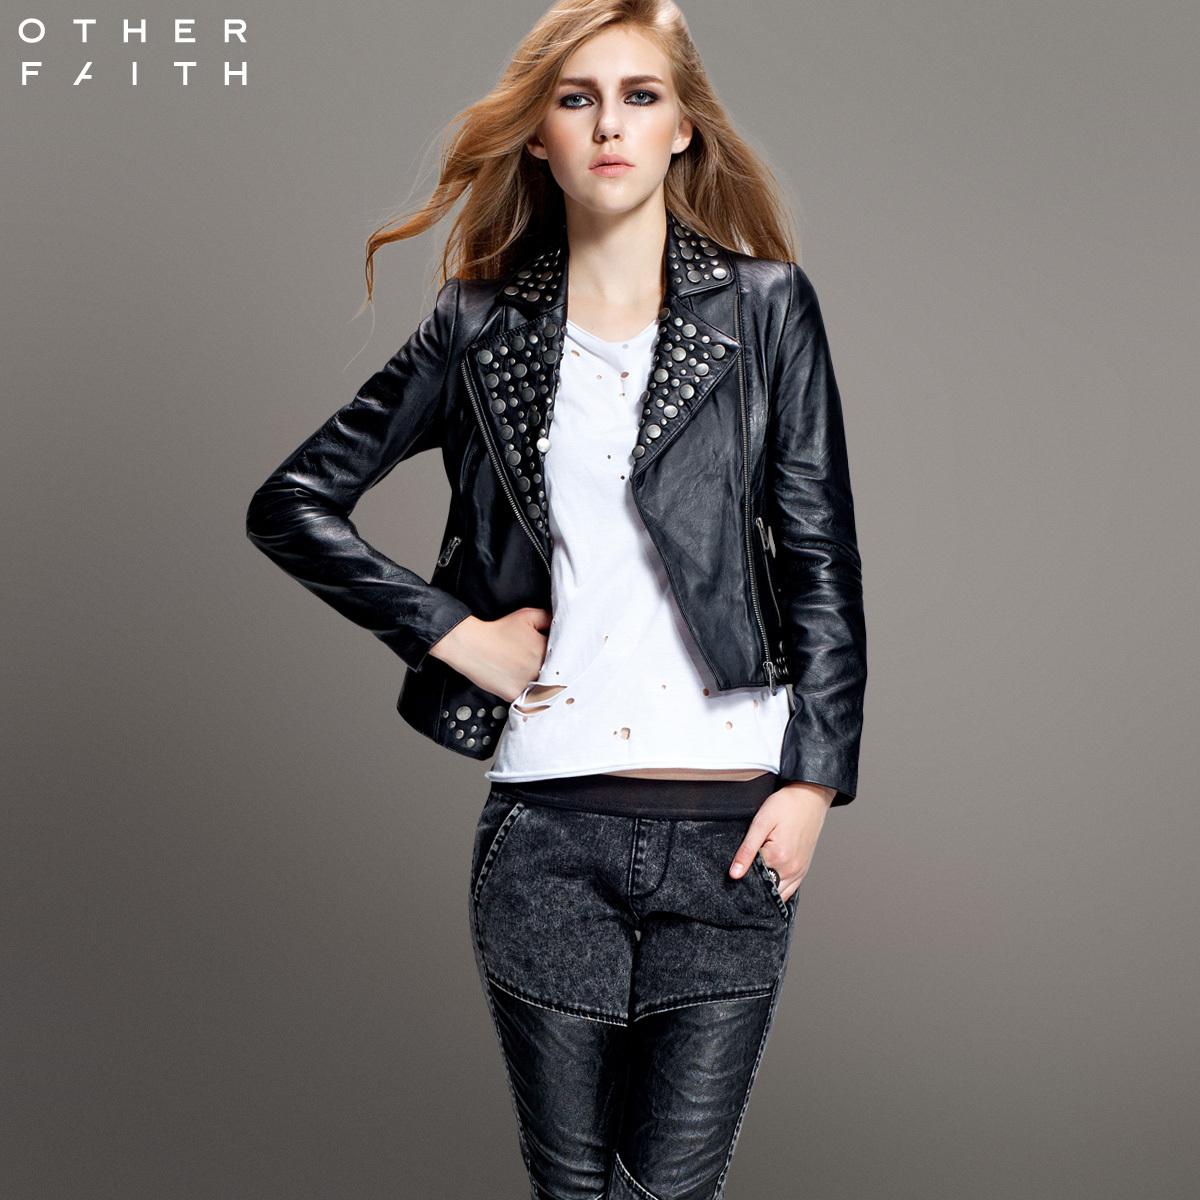 Кожаная куртка OTHERFAITH 13g30023/3 100% 13G30023